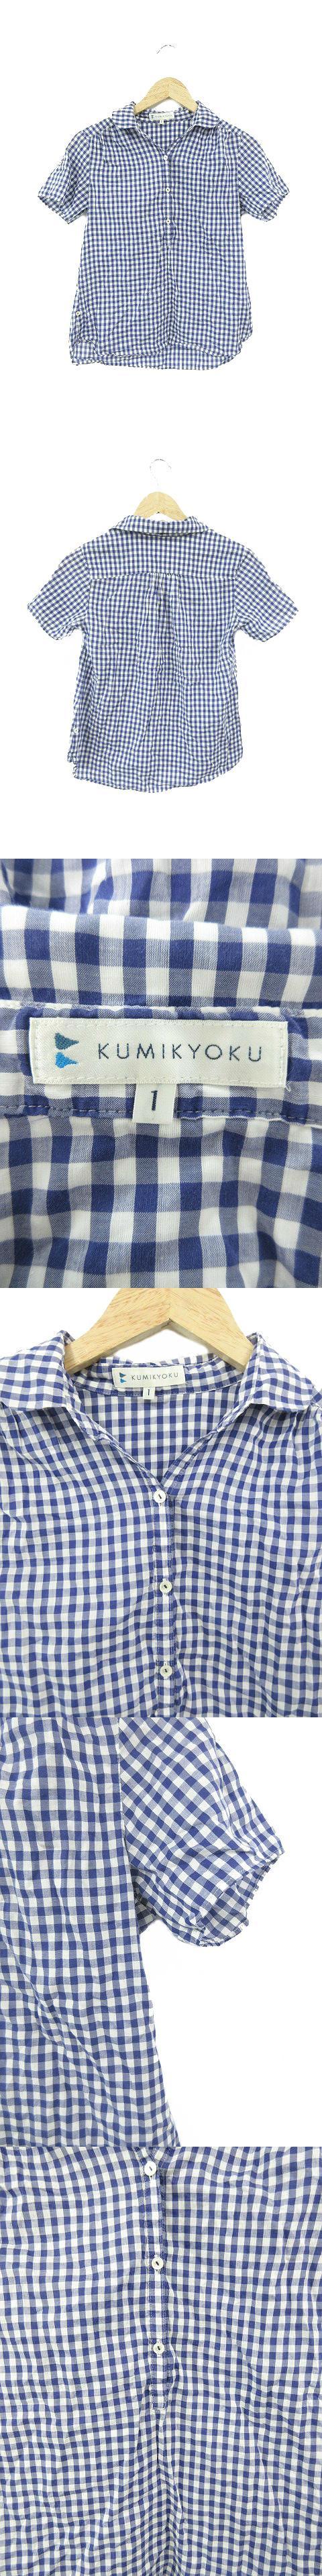 シャツ ブラウス ヘンリーネック チェック 半袖 1 青 ブルー /M3O